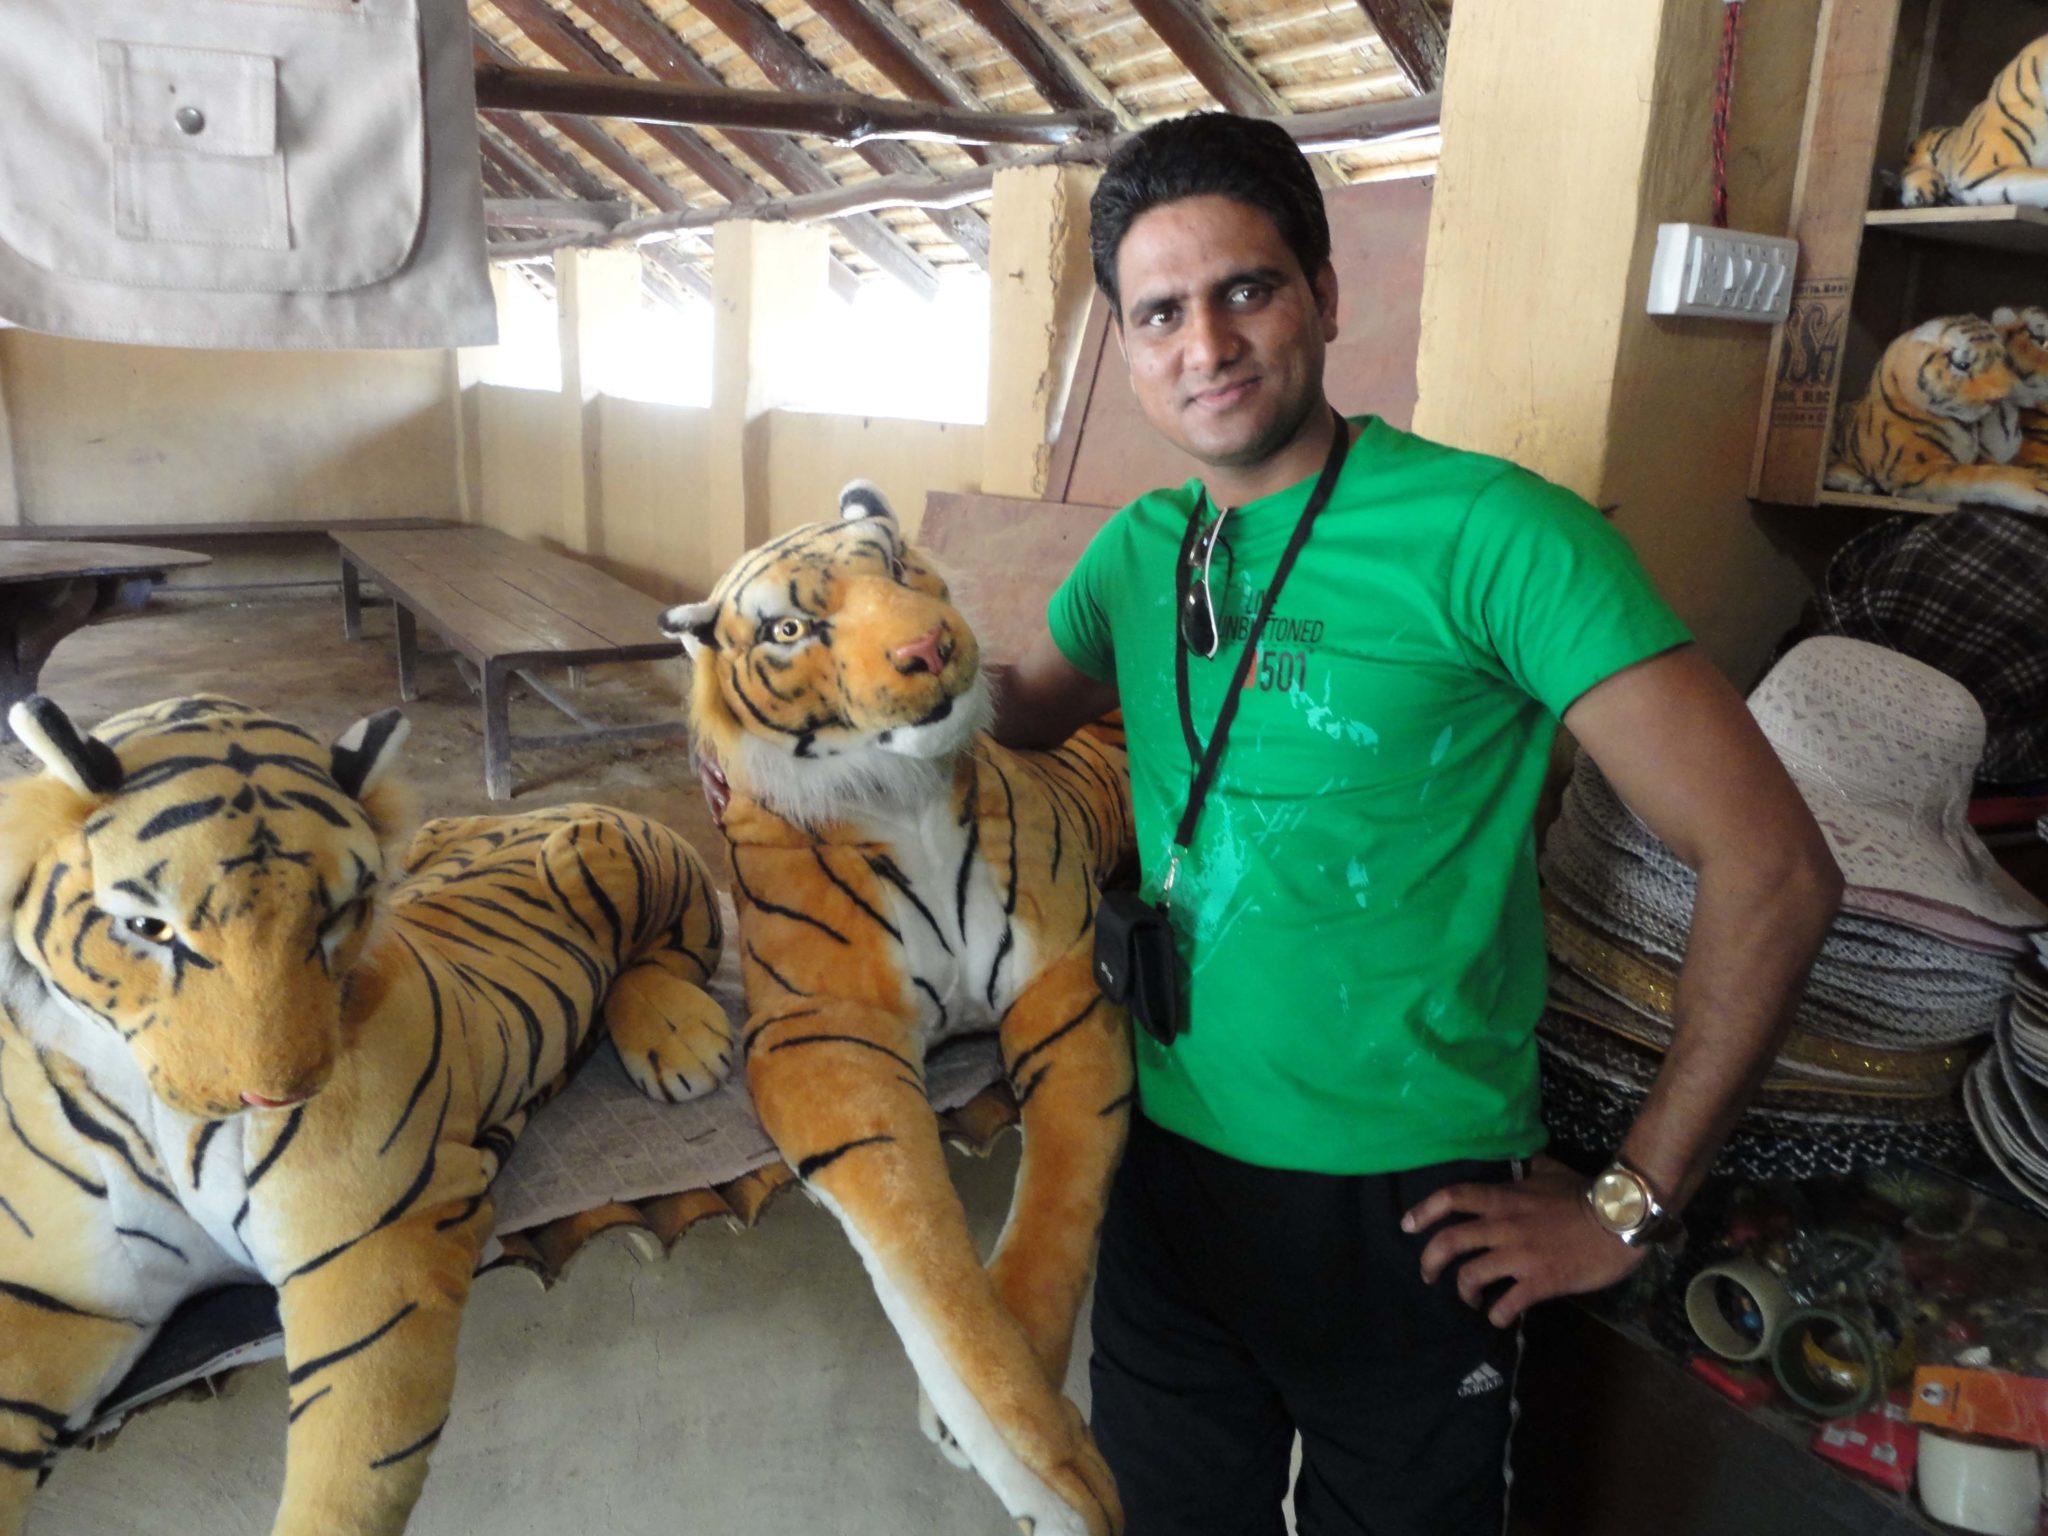 असली न सही लेकिन नकली शेर के साथ योगेश